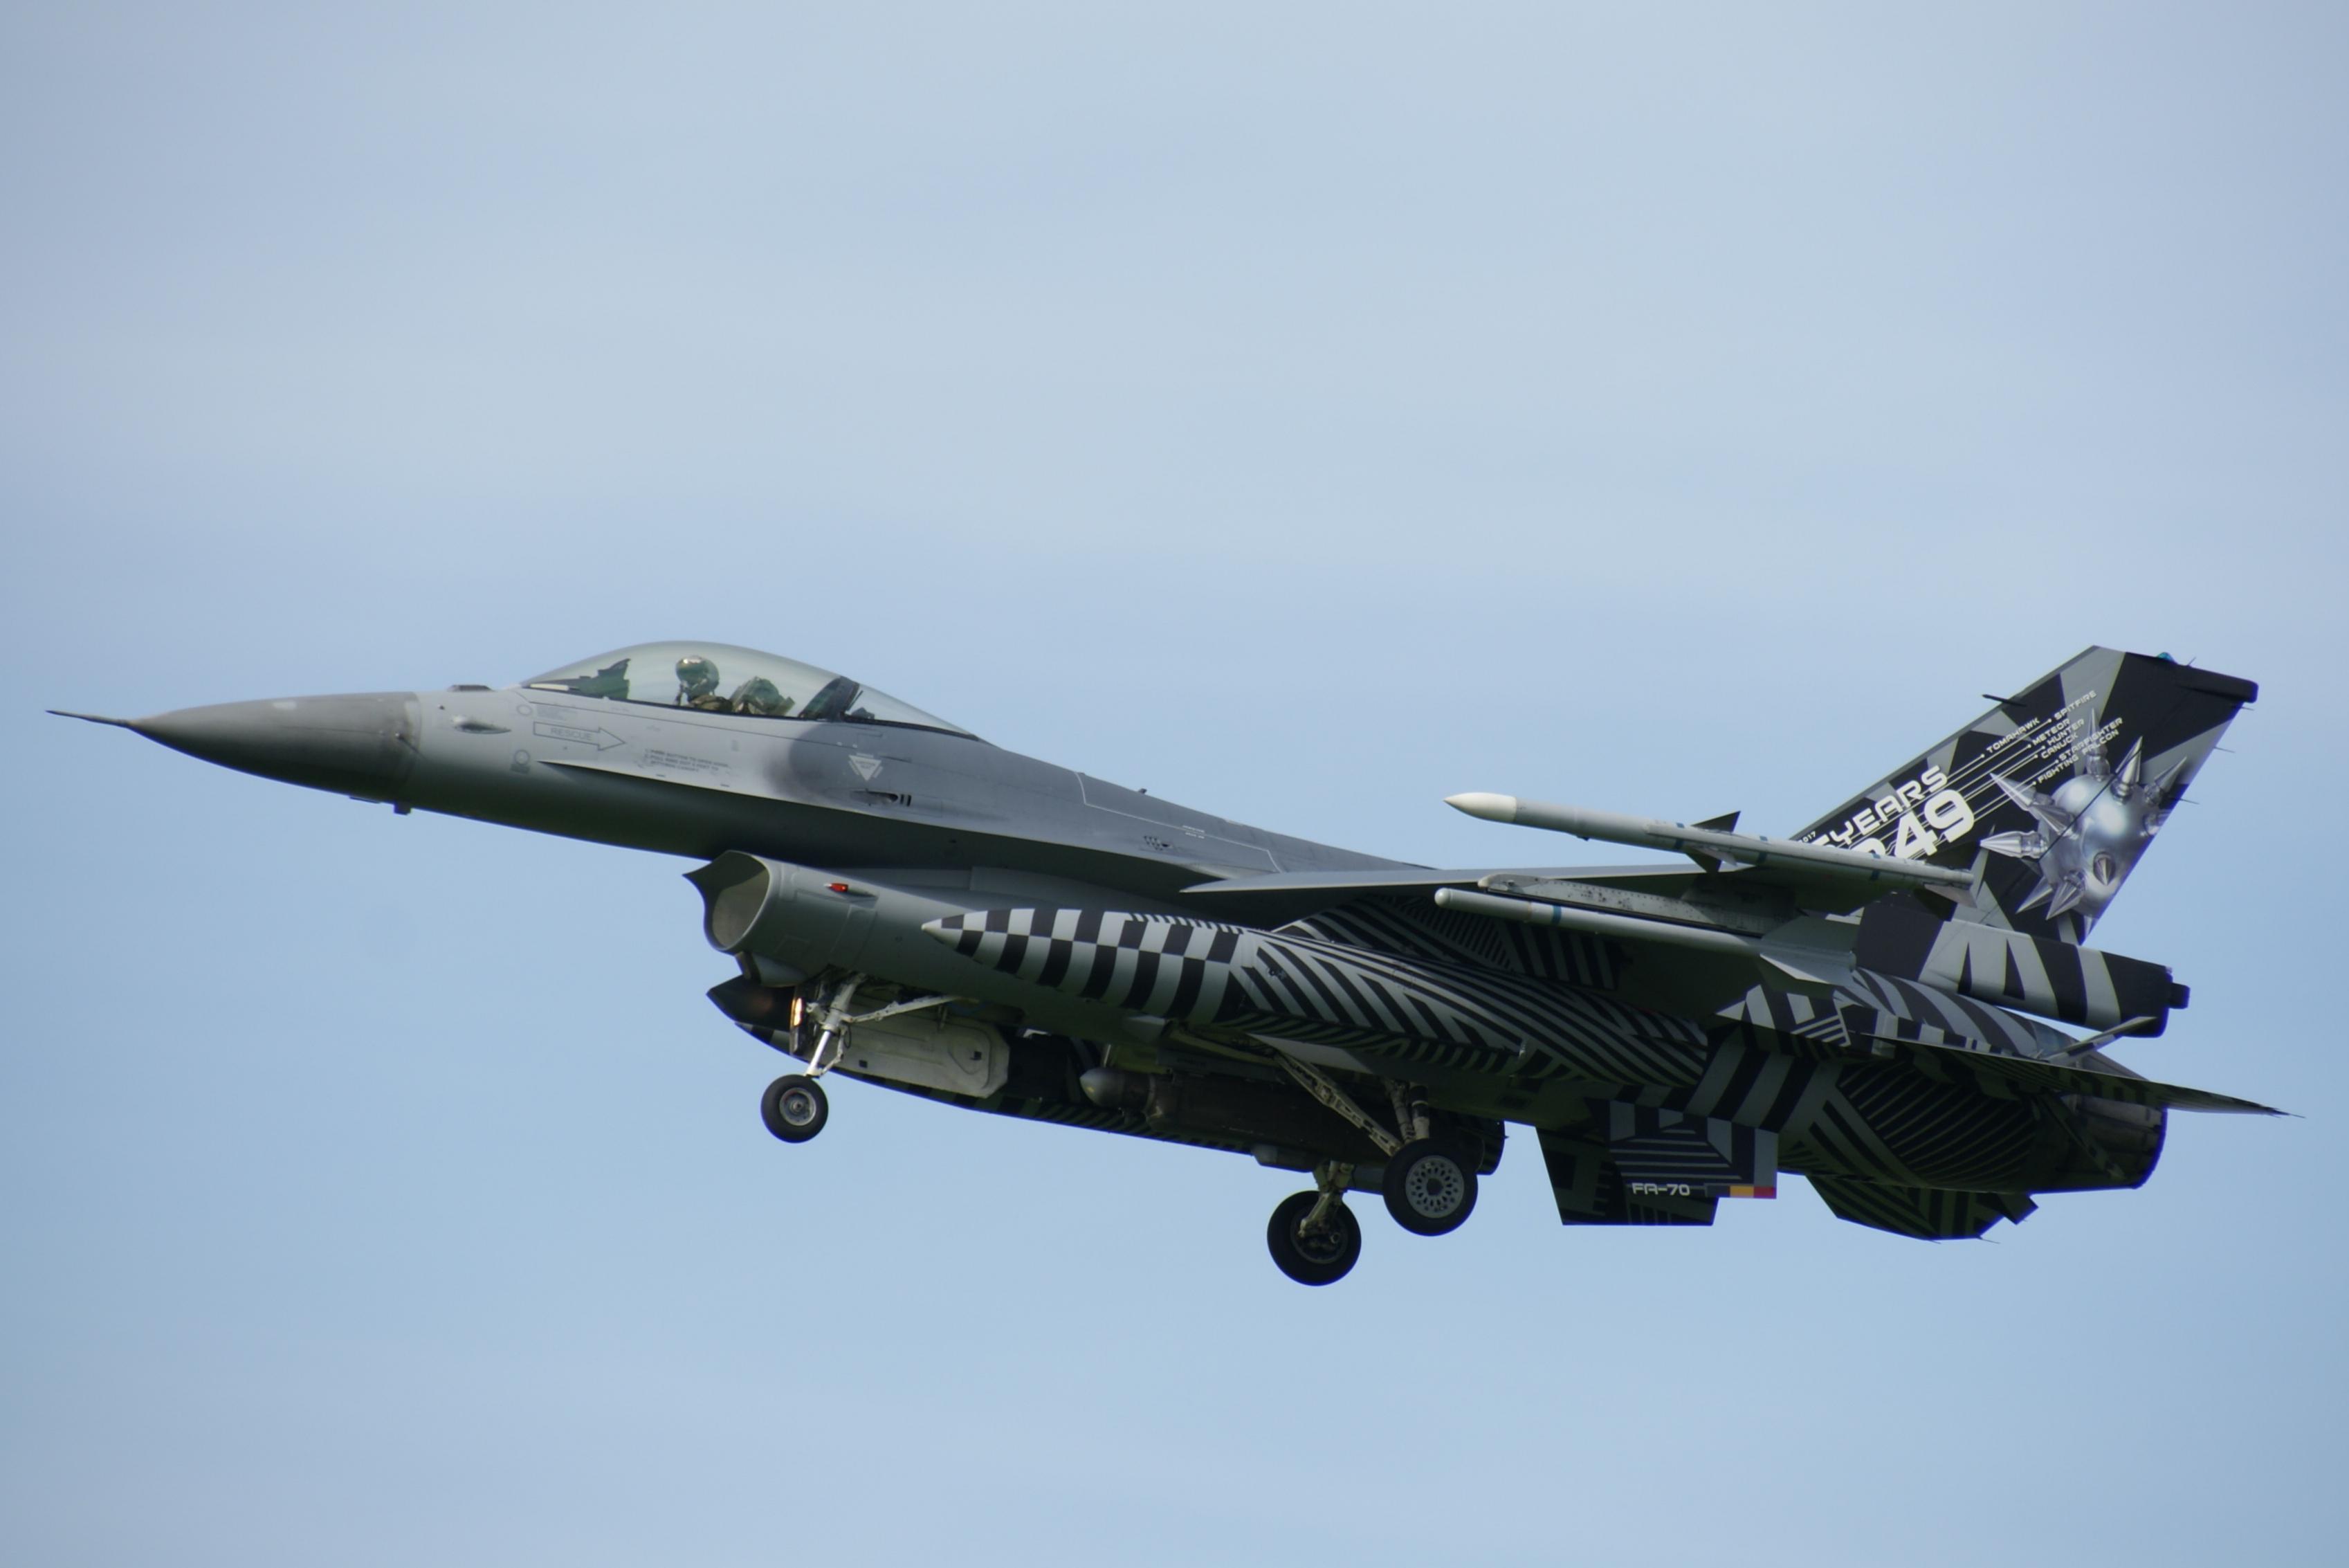 Naam: FA-70 SPECIAL (4).jpg Bekeken: 167 Grootte: 239,1 KB